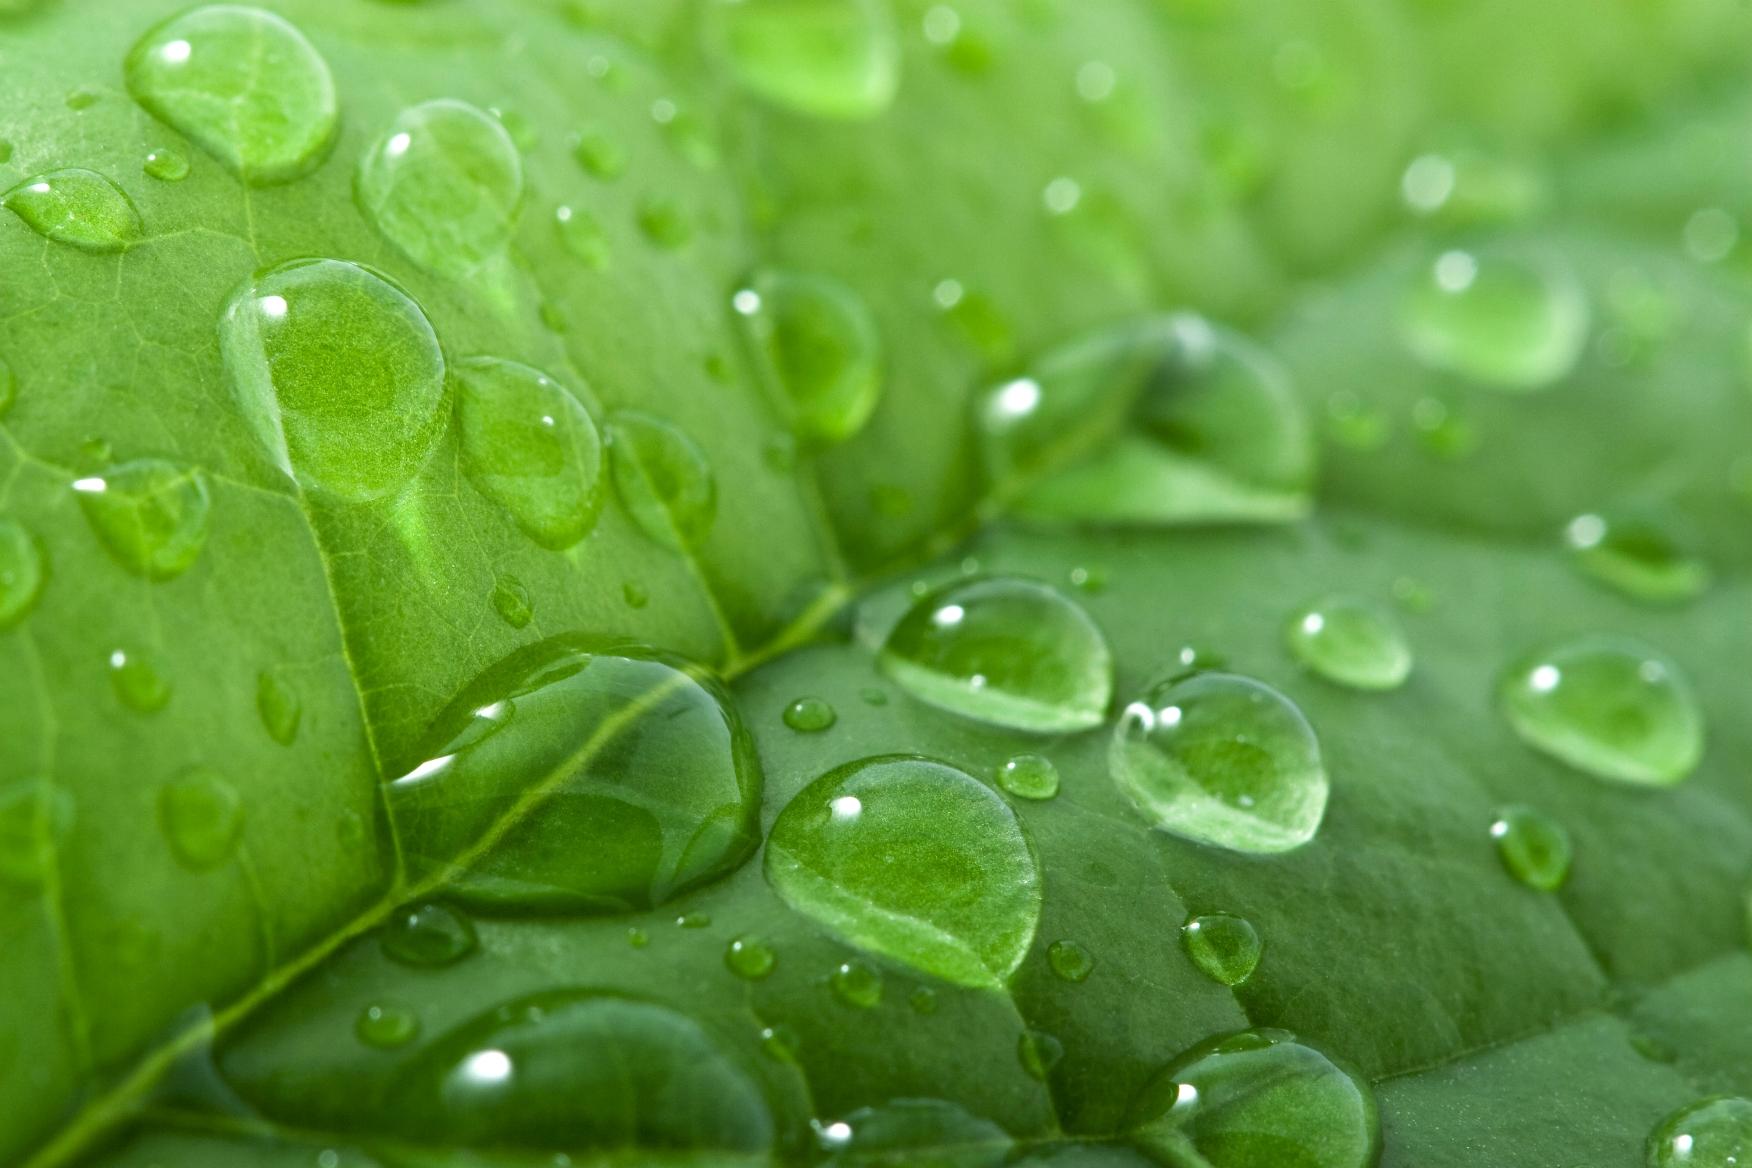 El Día Mundial del Agua y la necesidad de prestar atención a nuestra huella hídrica